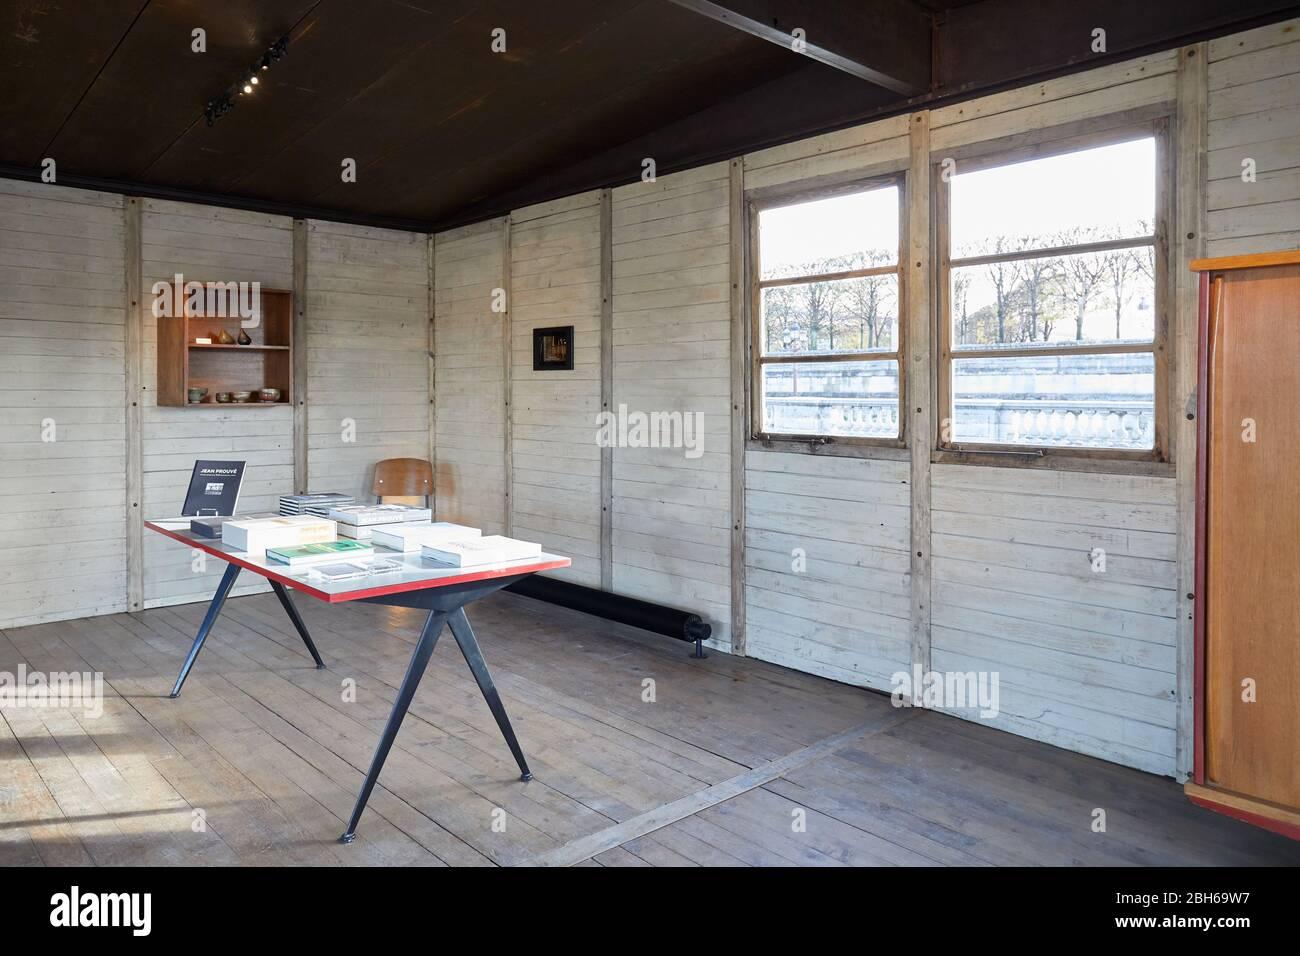 PARIS, FRANCE - 7 NOVEMBRE 2019 : Maison démontable Jean Prouve intérieur en place de la Concorde en une journée ensoleillée à Paris Banque D'Images